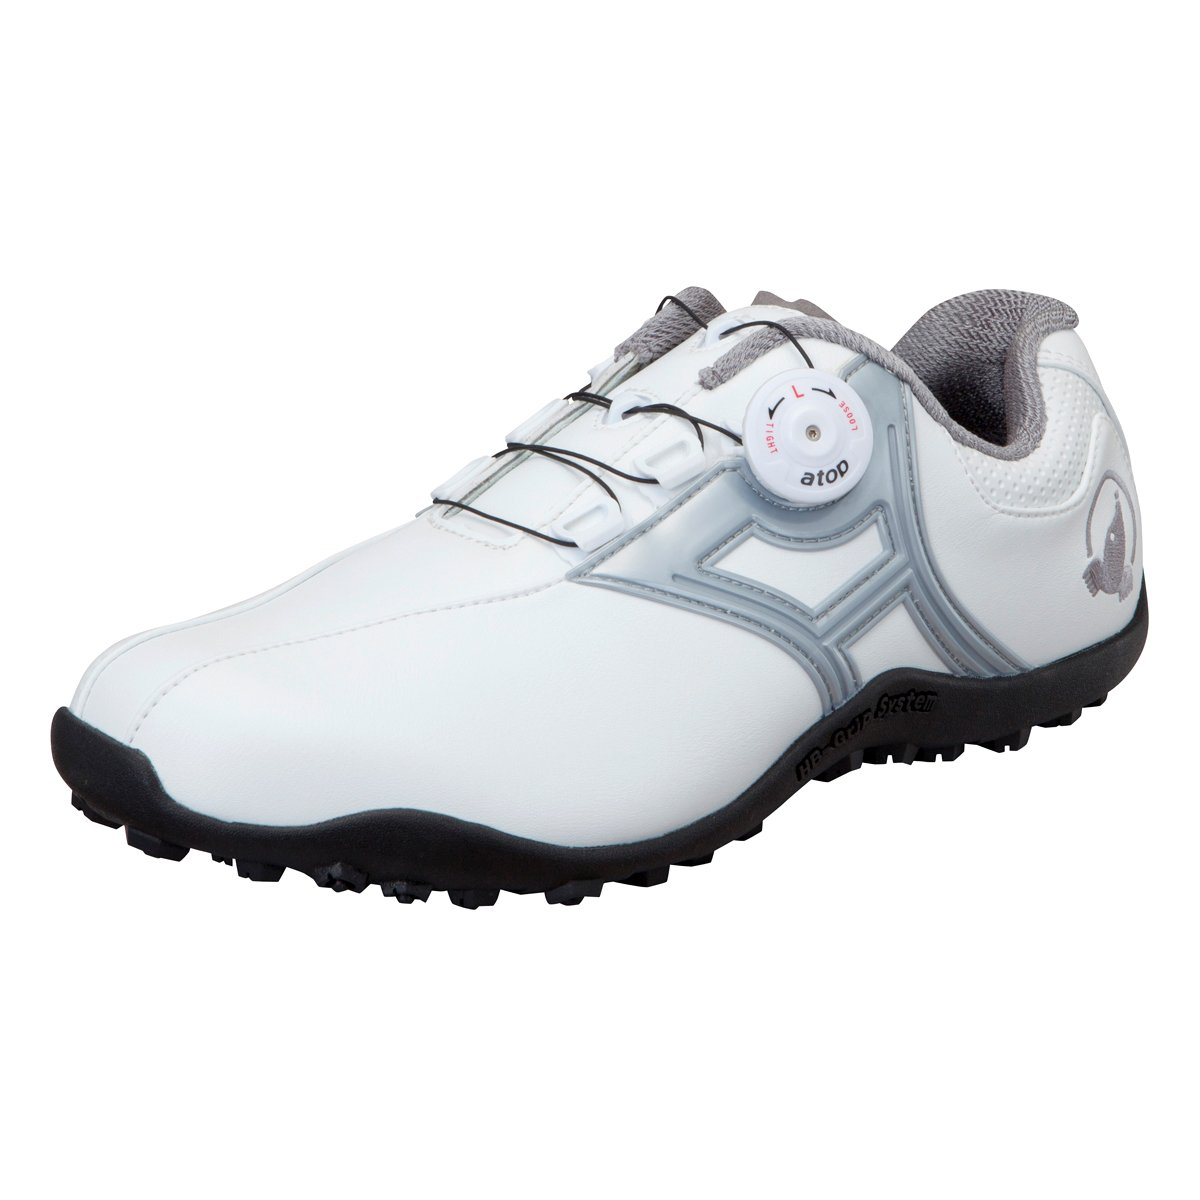 本間ゴルフ HONMA メンズ スパイクレス ダイヤルシューズ ホワイト/シルバー 27cm 3E SR-1604 原産国:中国 素材:甲(人工皮革) 、底(合成ゴム) B077HFJ59F